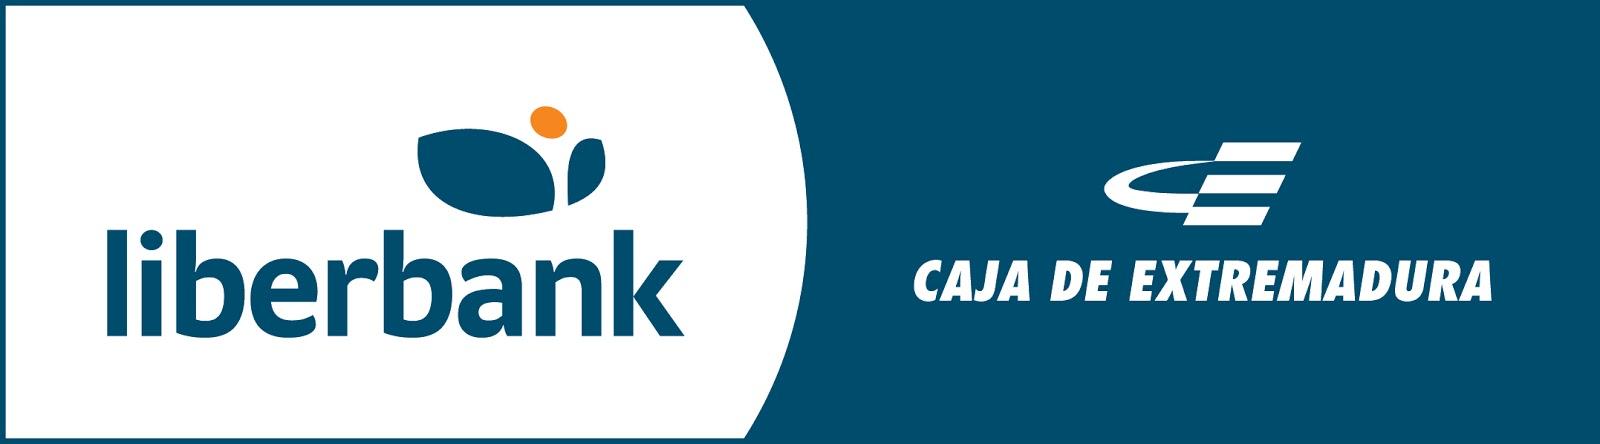 Liberbank cierra 56 oficinas en c ceres ddr liberbank for Oficinas de liberbank en madrid